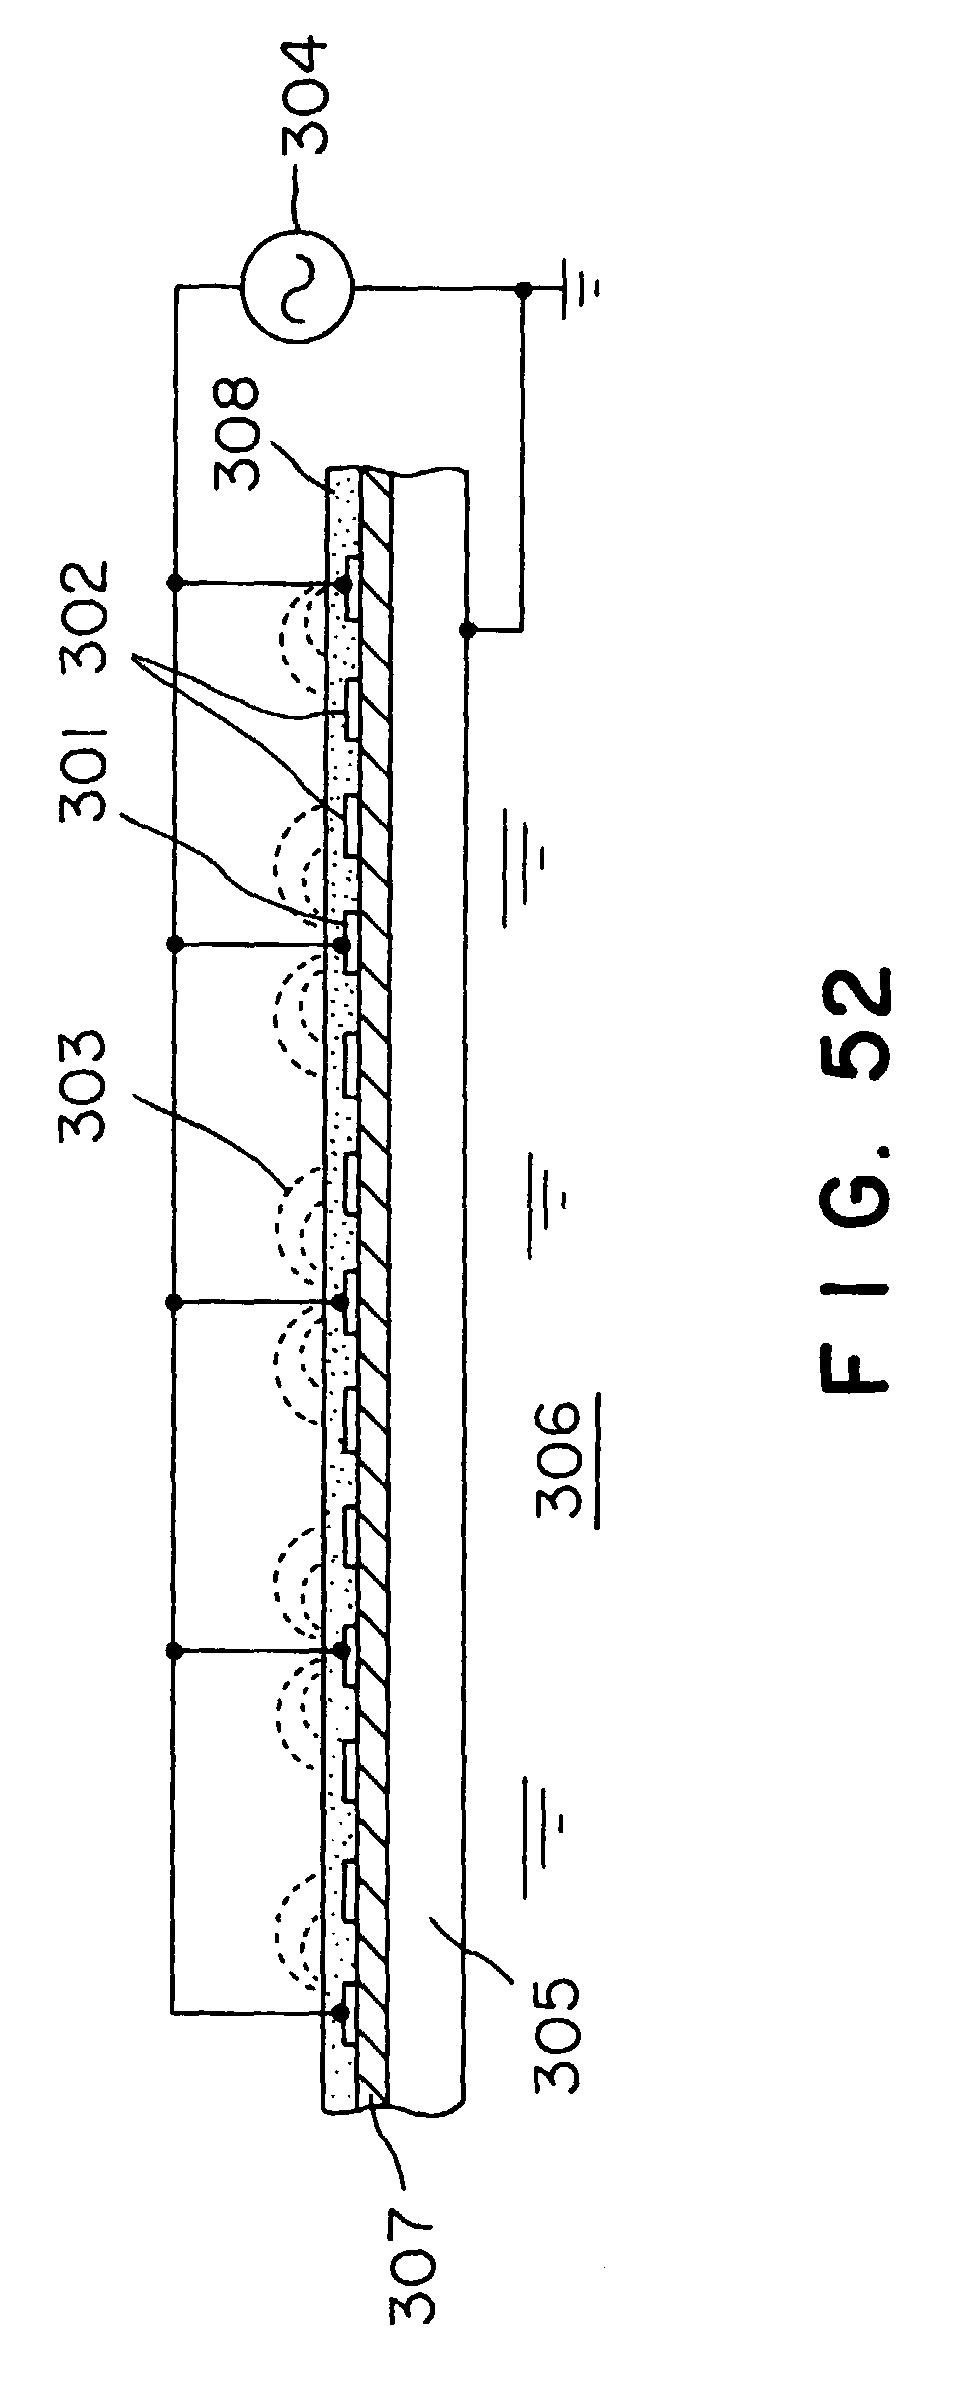 电路 电路图 电子 原理图 960_2384 竖版 竖屏